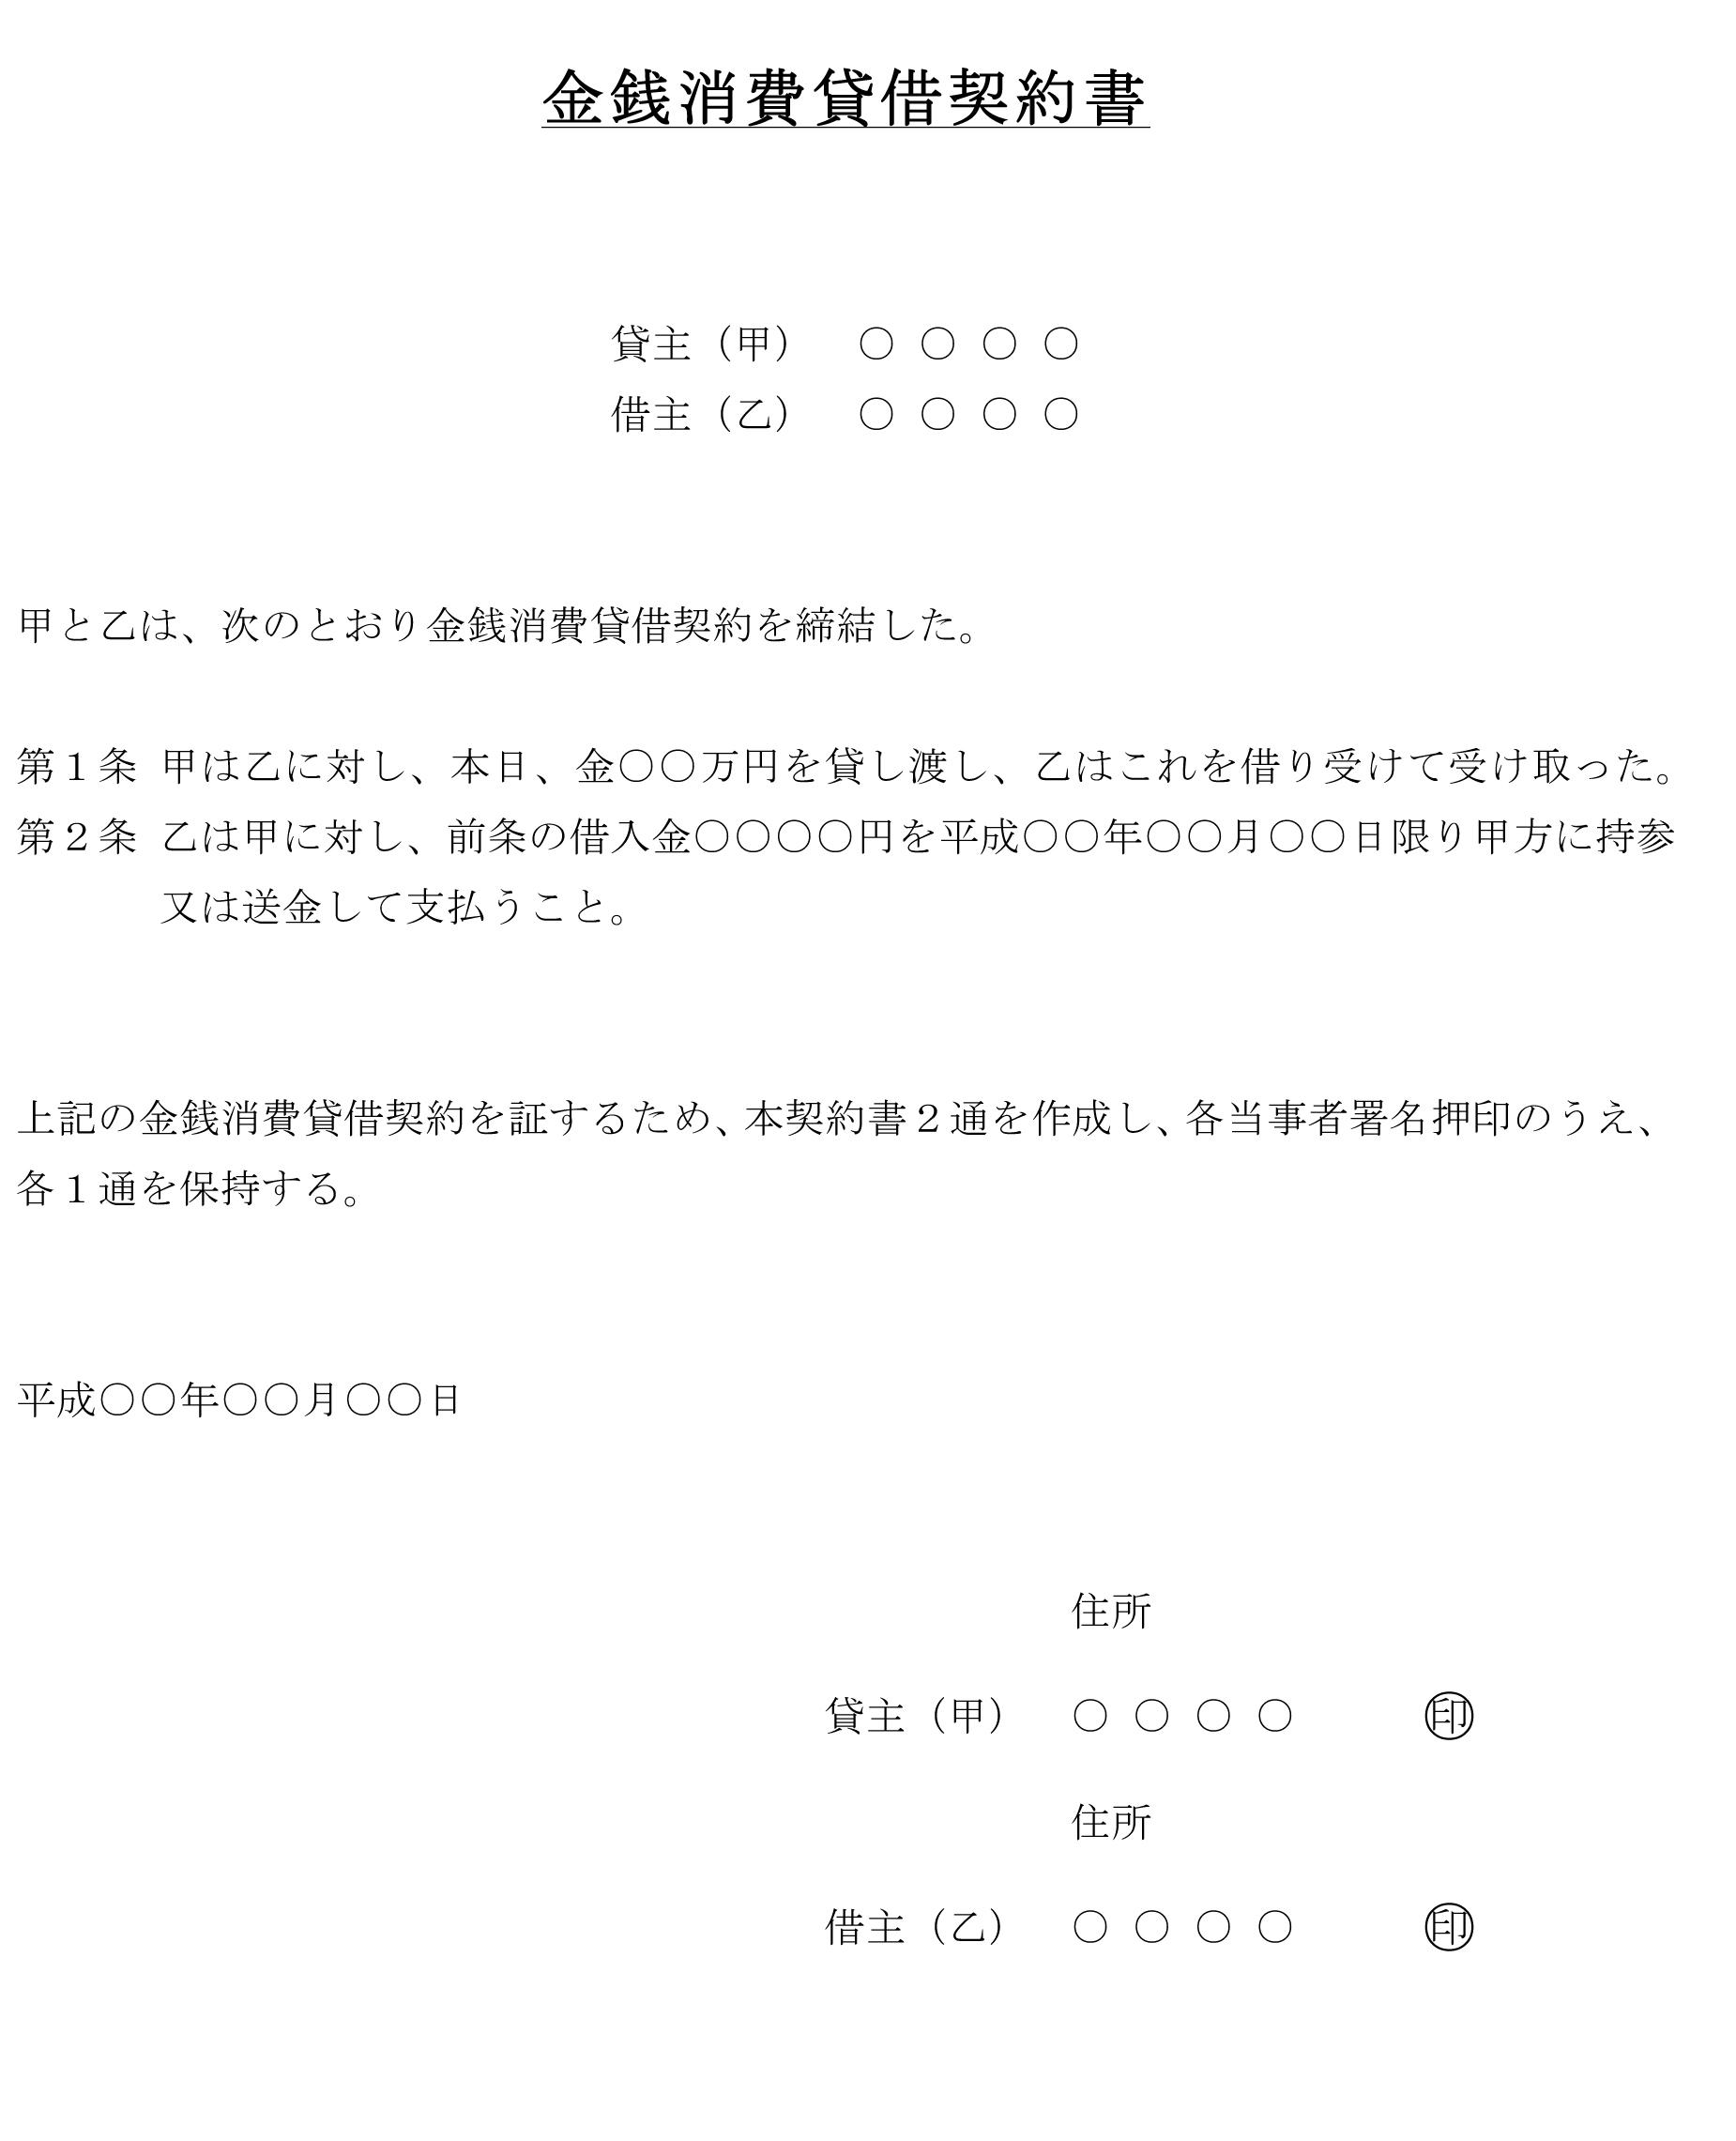 金銭消費貸借契約書06